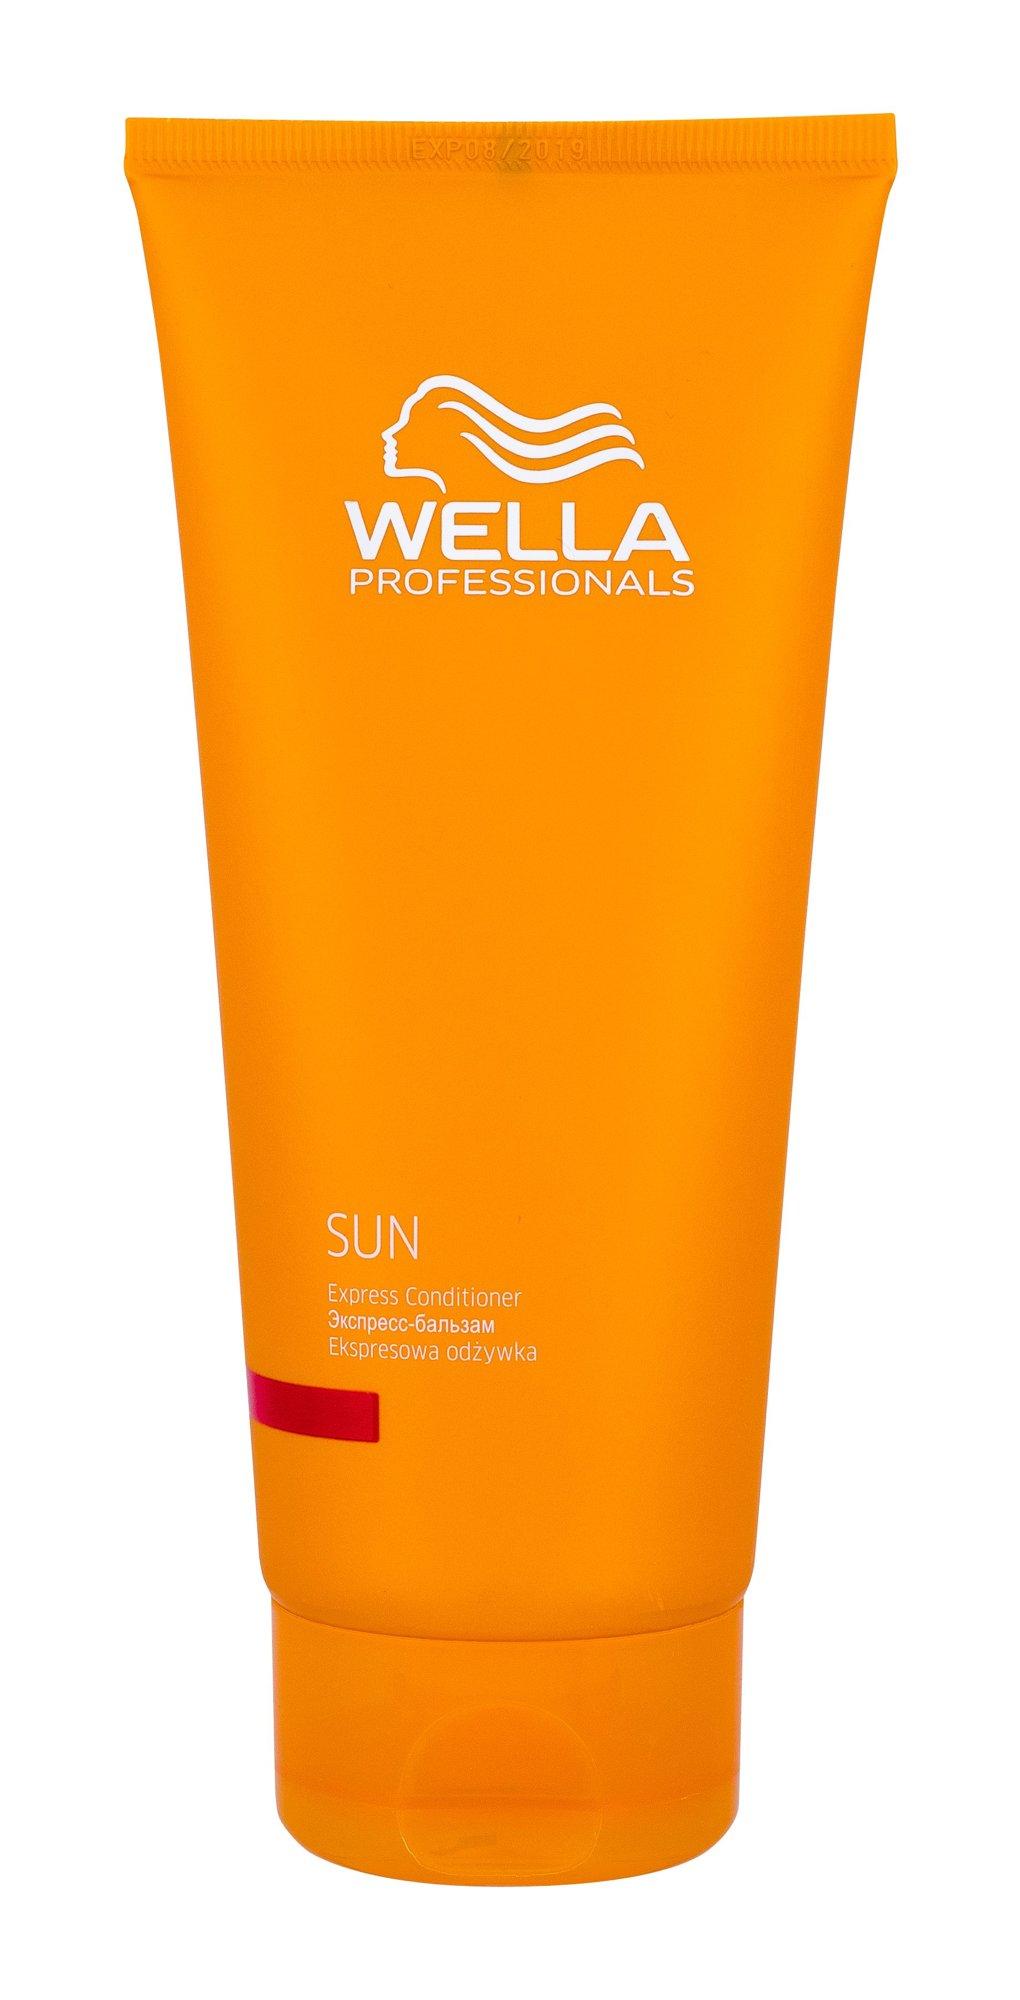 Wella Sun Cosmetic 200ml